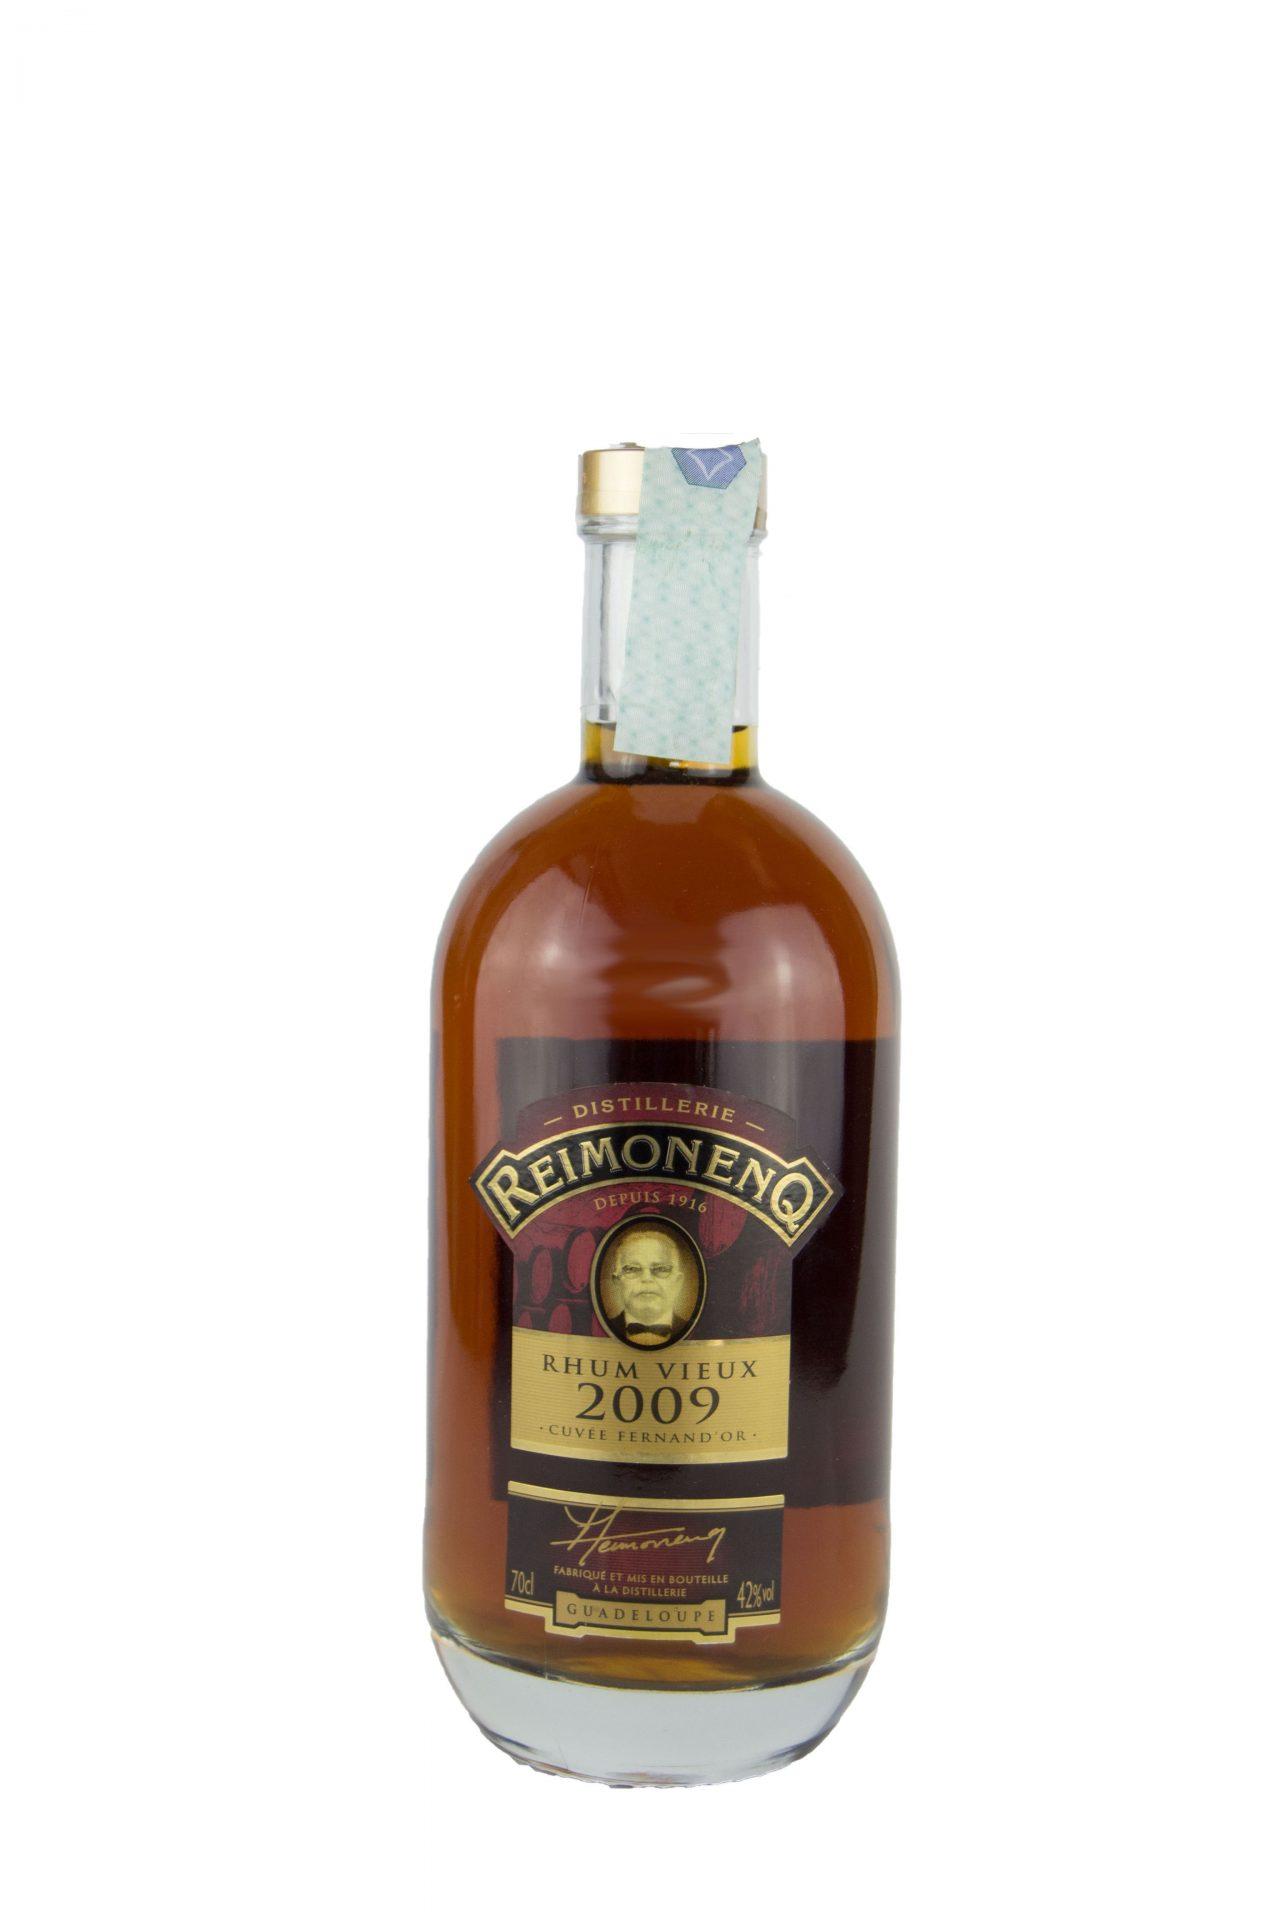 Distillerie Reimonenq – Rhum Vieux 2009